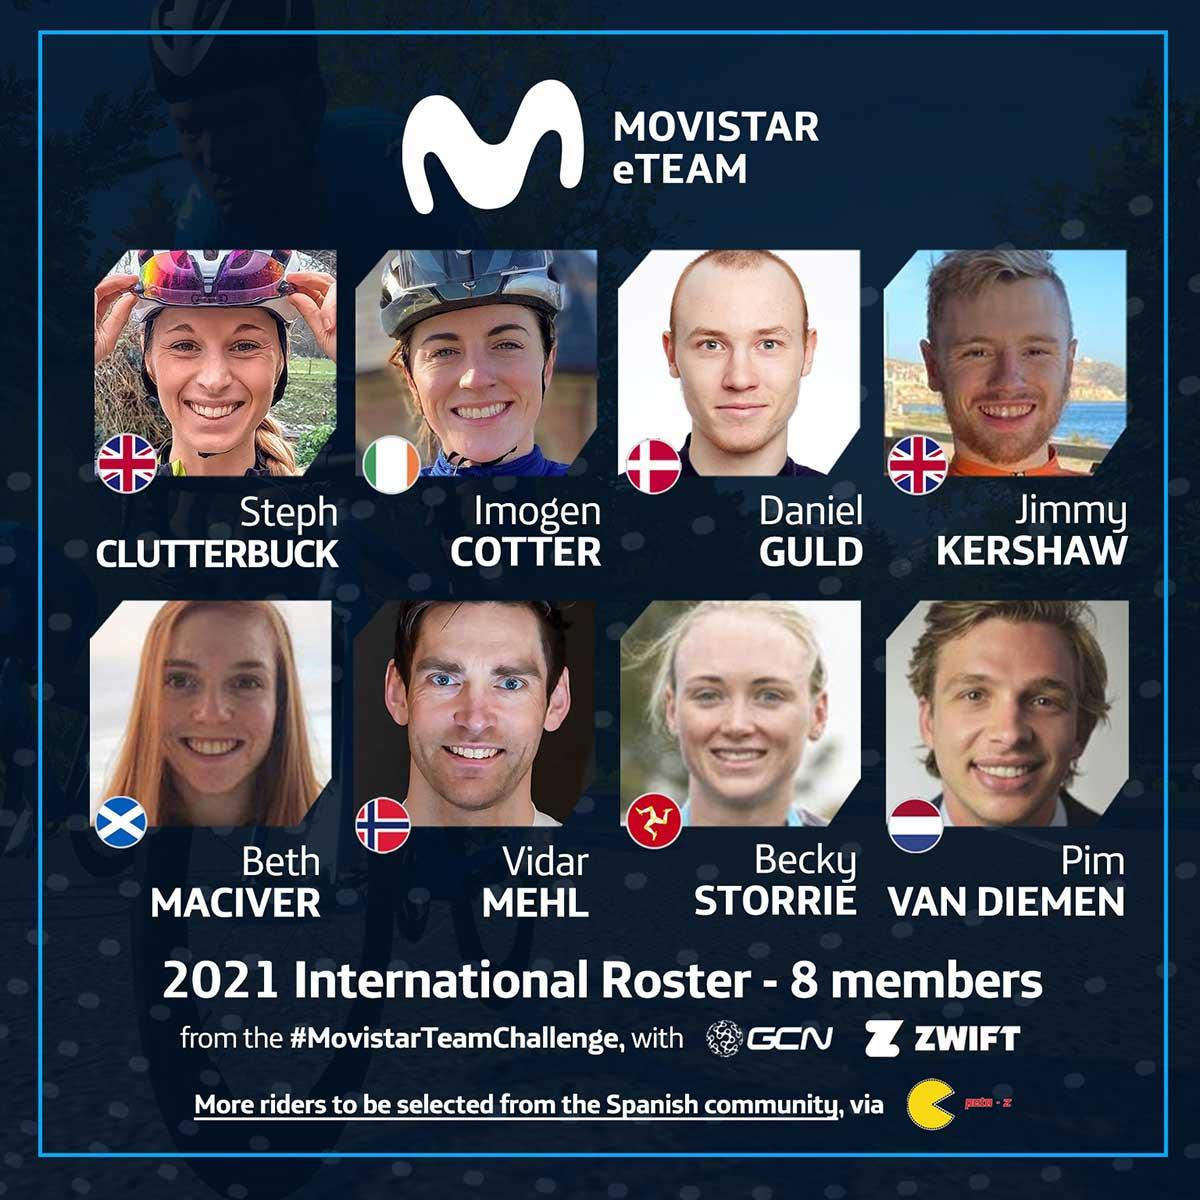 Estos-son-los-ciclistas-del-nuevo-equipo-Movistar-eTeam-2021-de-ciclismo-virtual